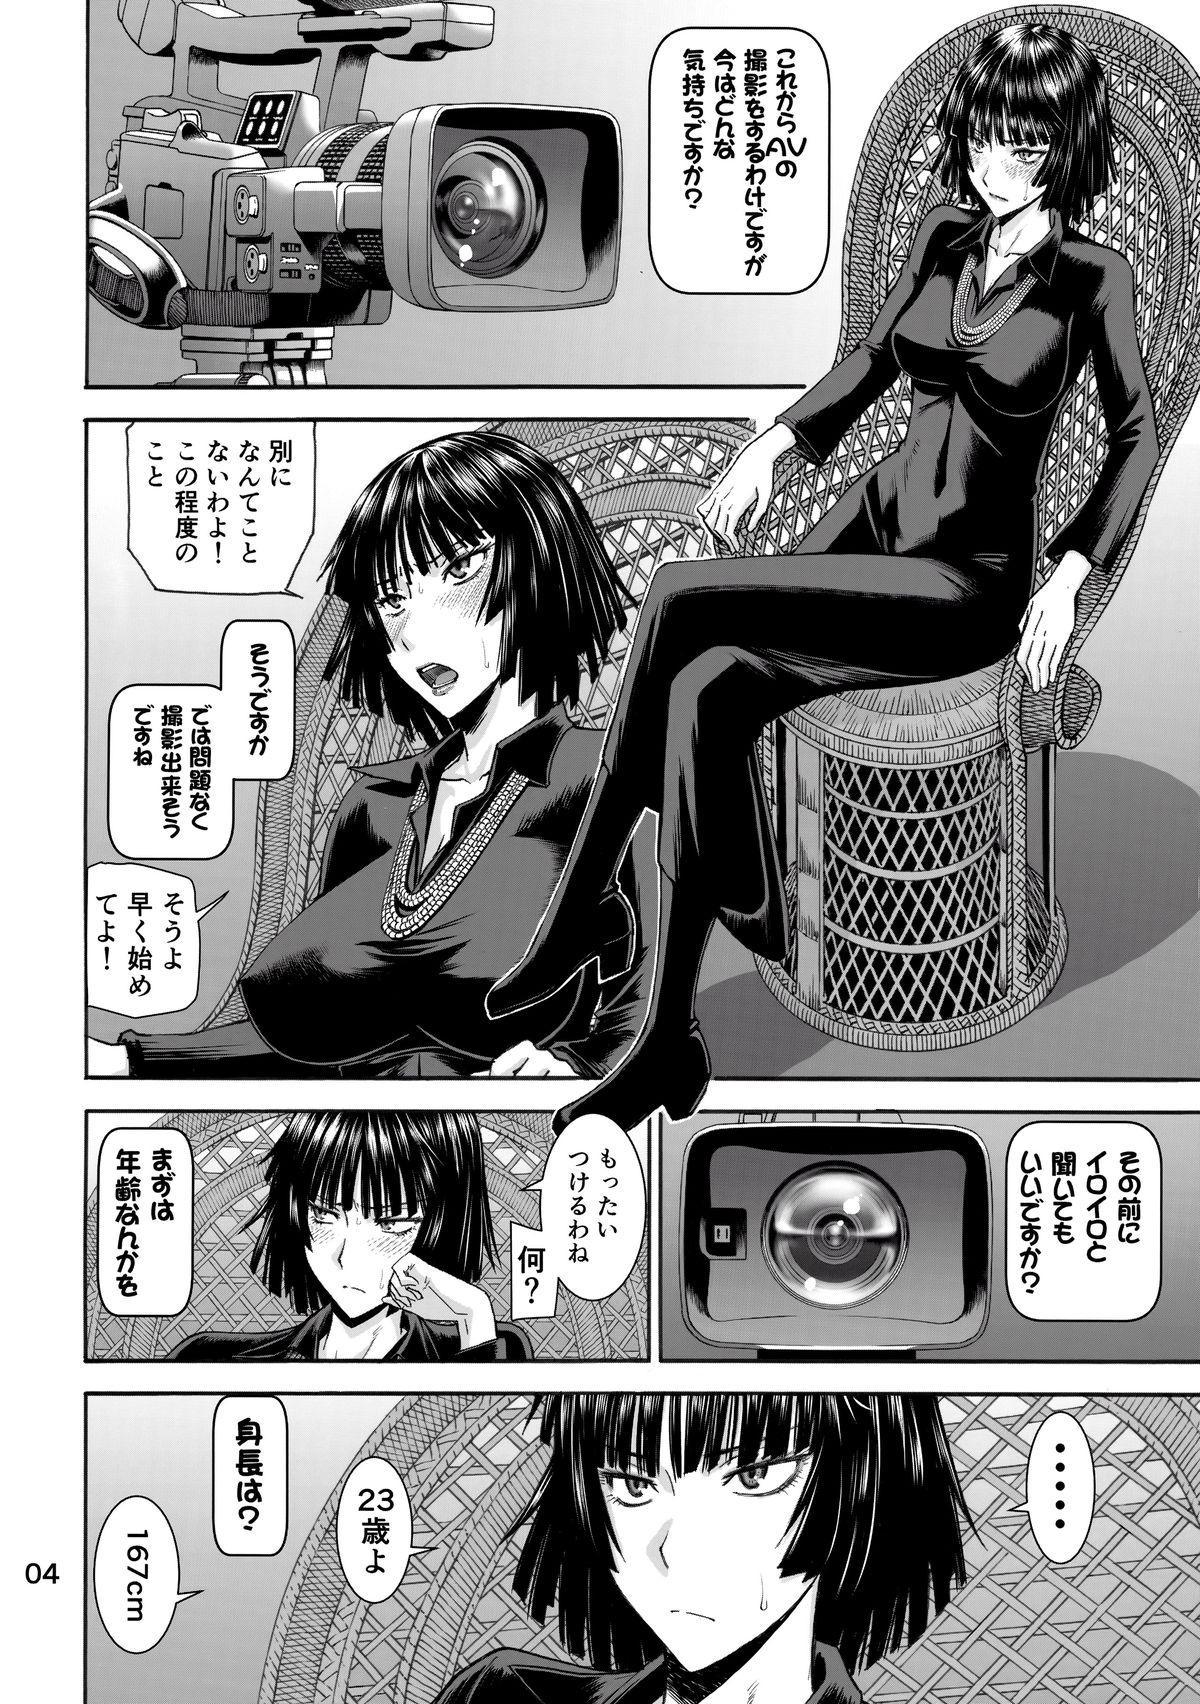 (C89) [High Thrust (Inomaru)] Geneki B-kyuu 1-i Hero Jigoku no Fubuki AV Debut!! (One Punch Man) 3